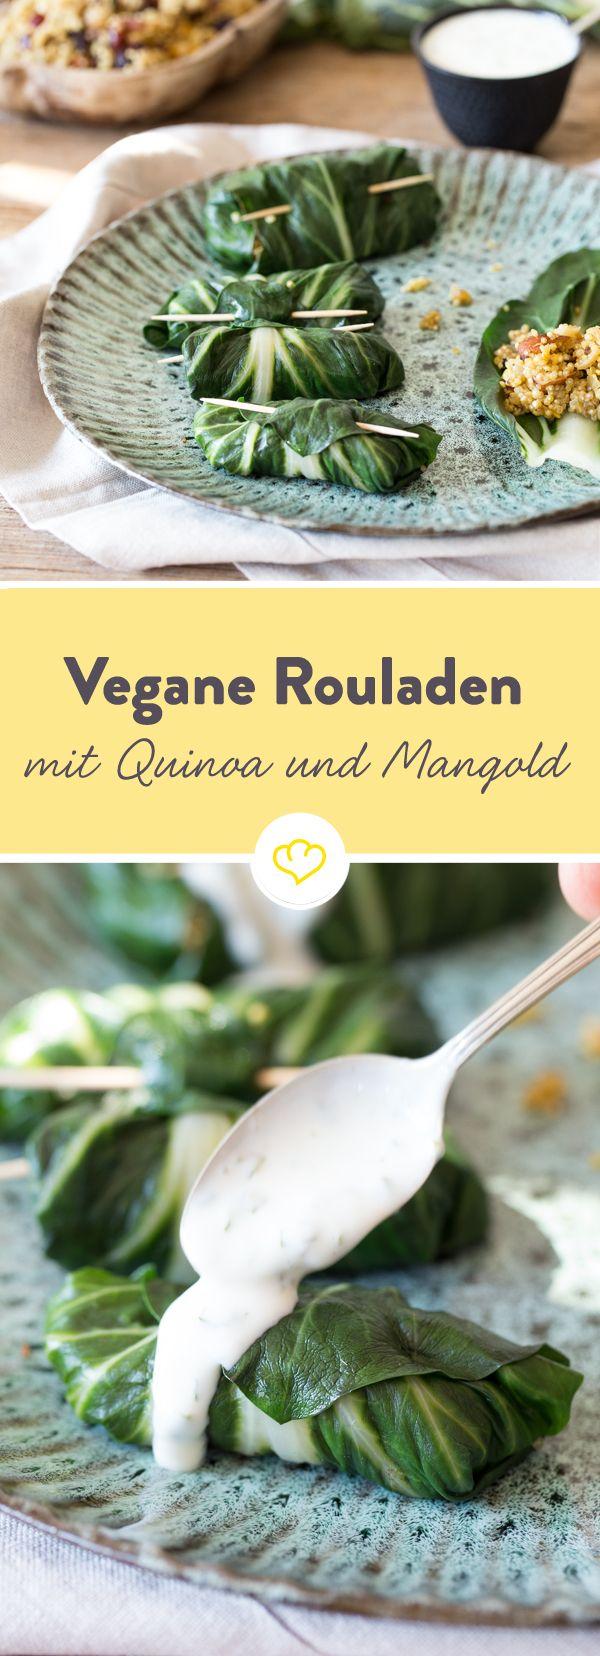 Ohne Fleisch, Geflüger oder sonstige tierische Produkte, aber mit ganz viel Geschmack. Die vegane Mangoldroulade hat es faustdick und lecker in der Füllung.